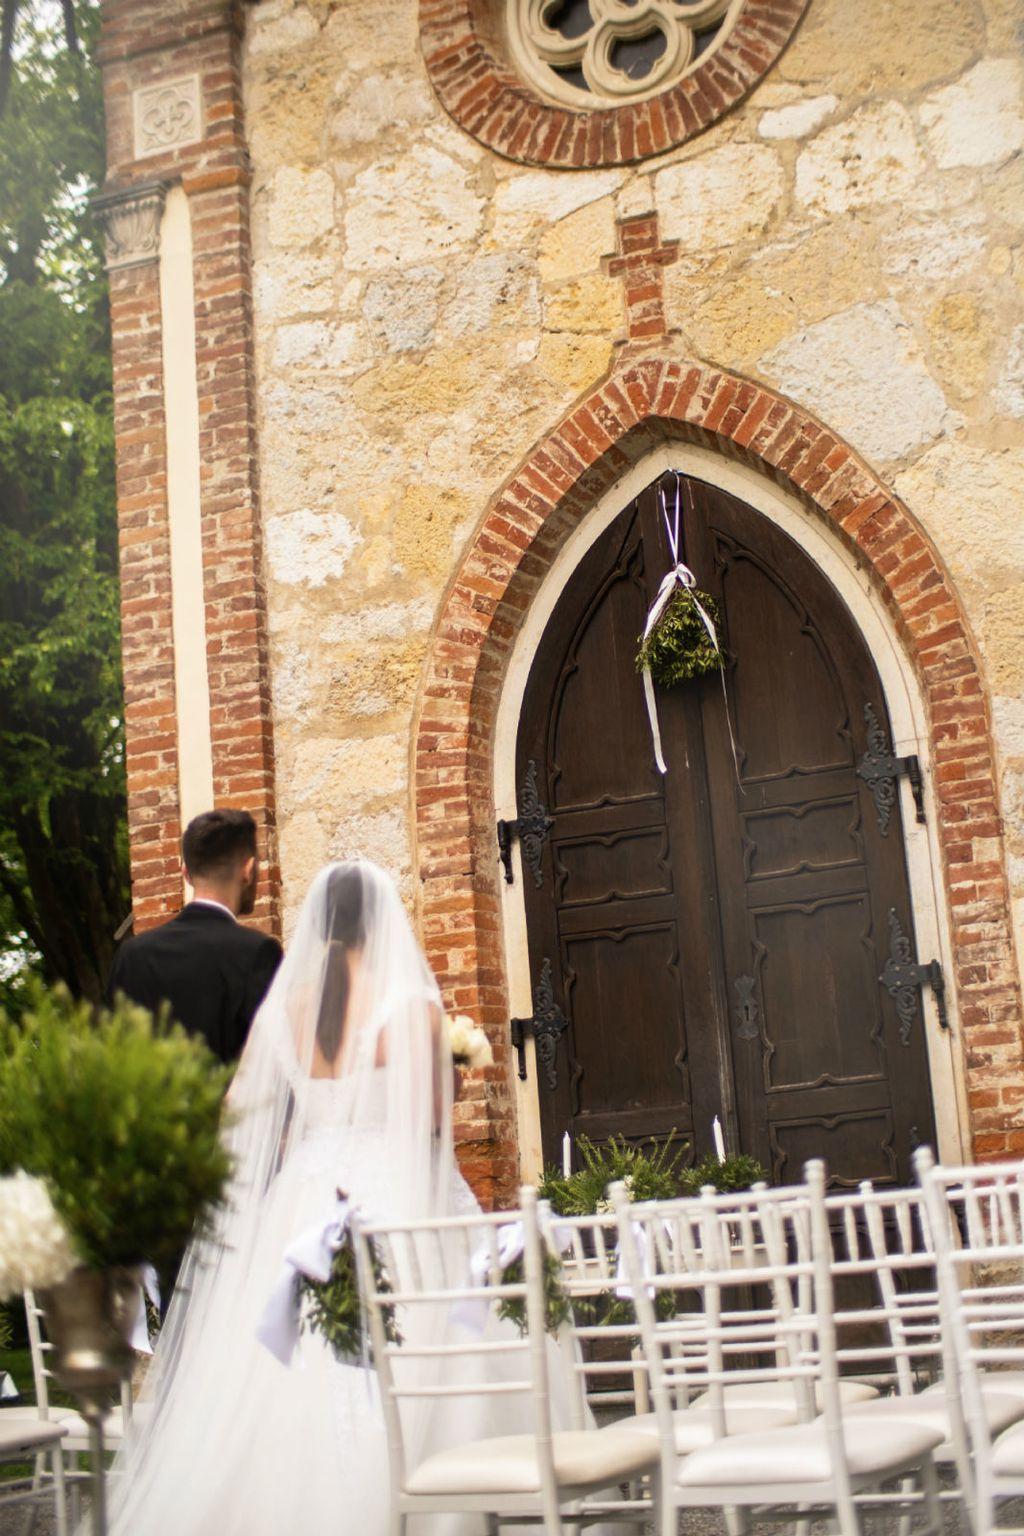 Nova lokacija za vjenčanja u Zaprešiću za koju već postoji lista čekanja - 7